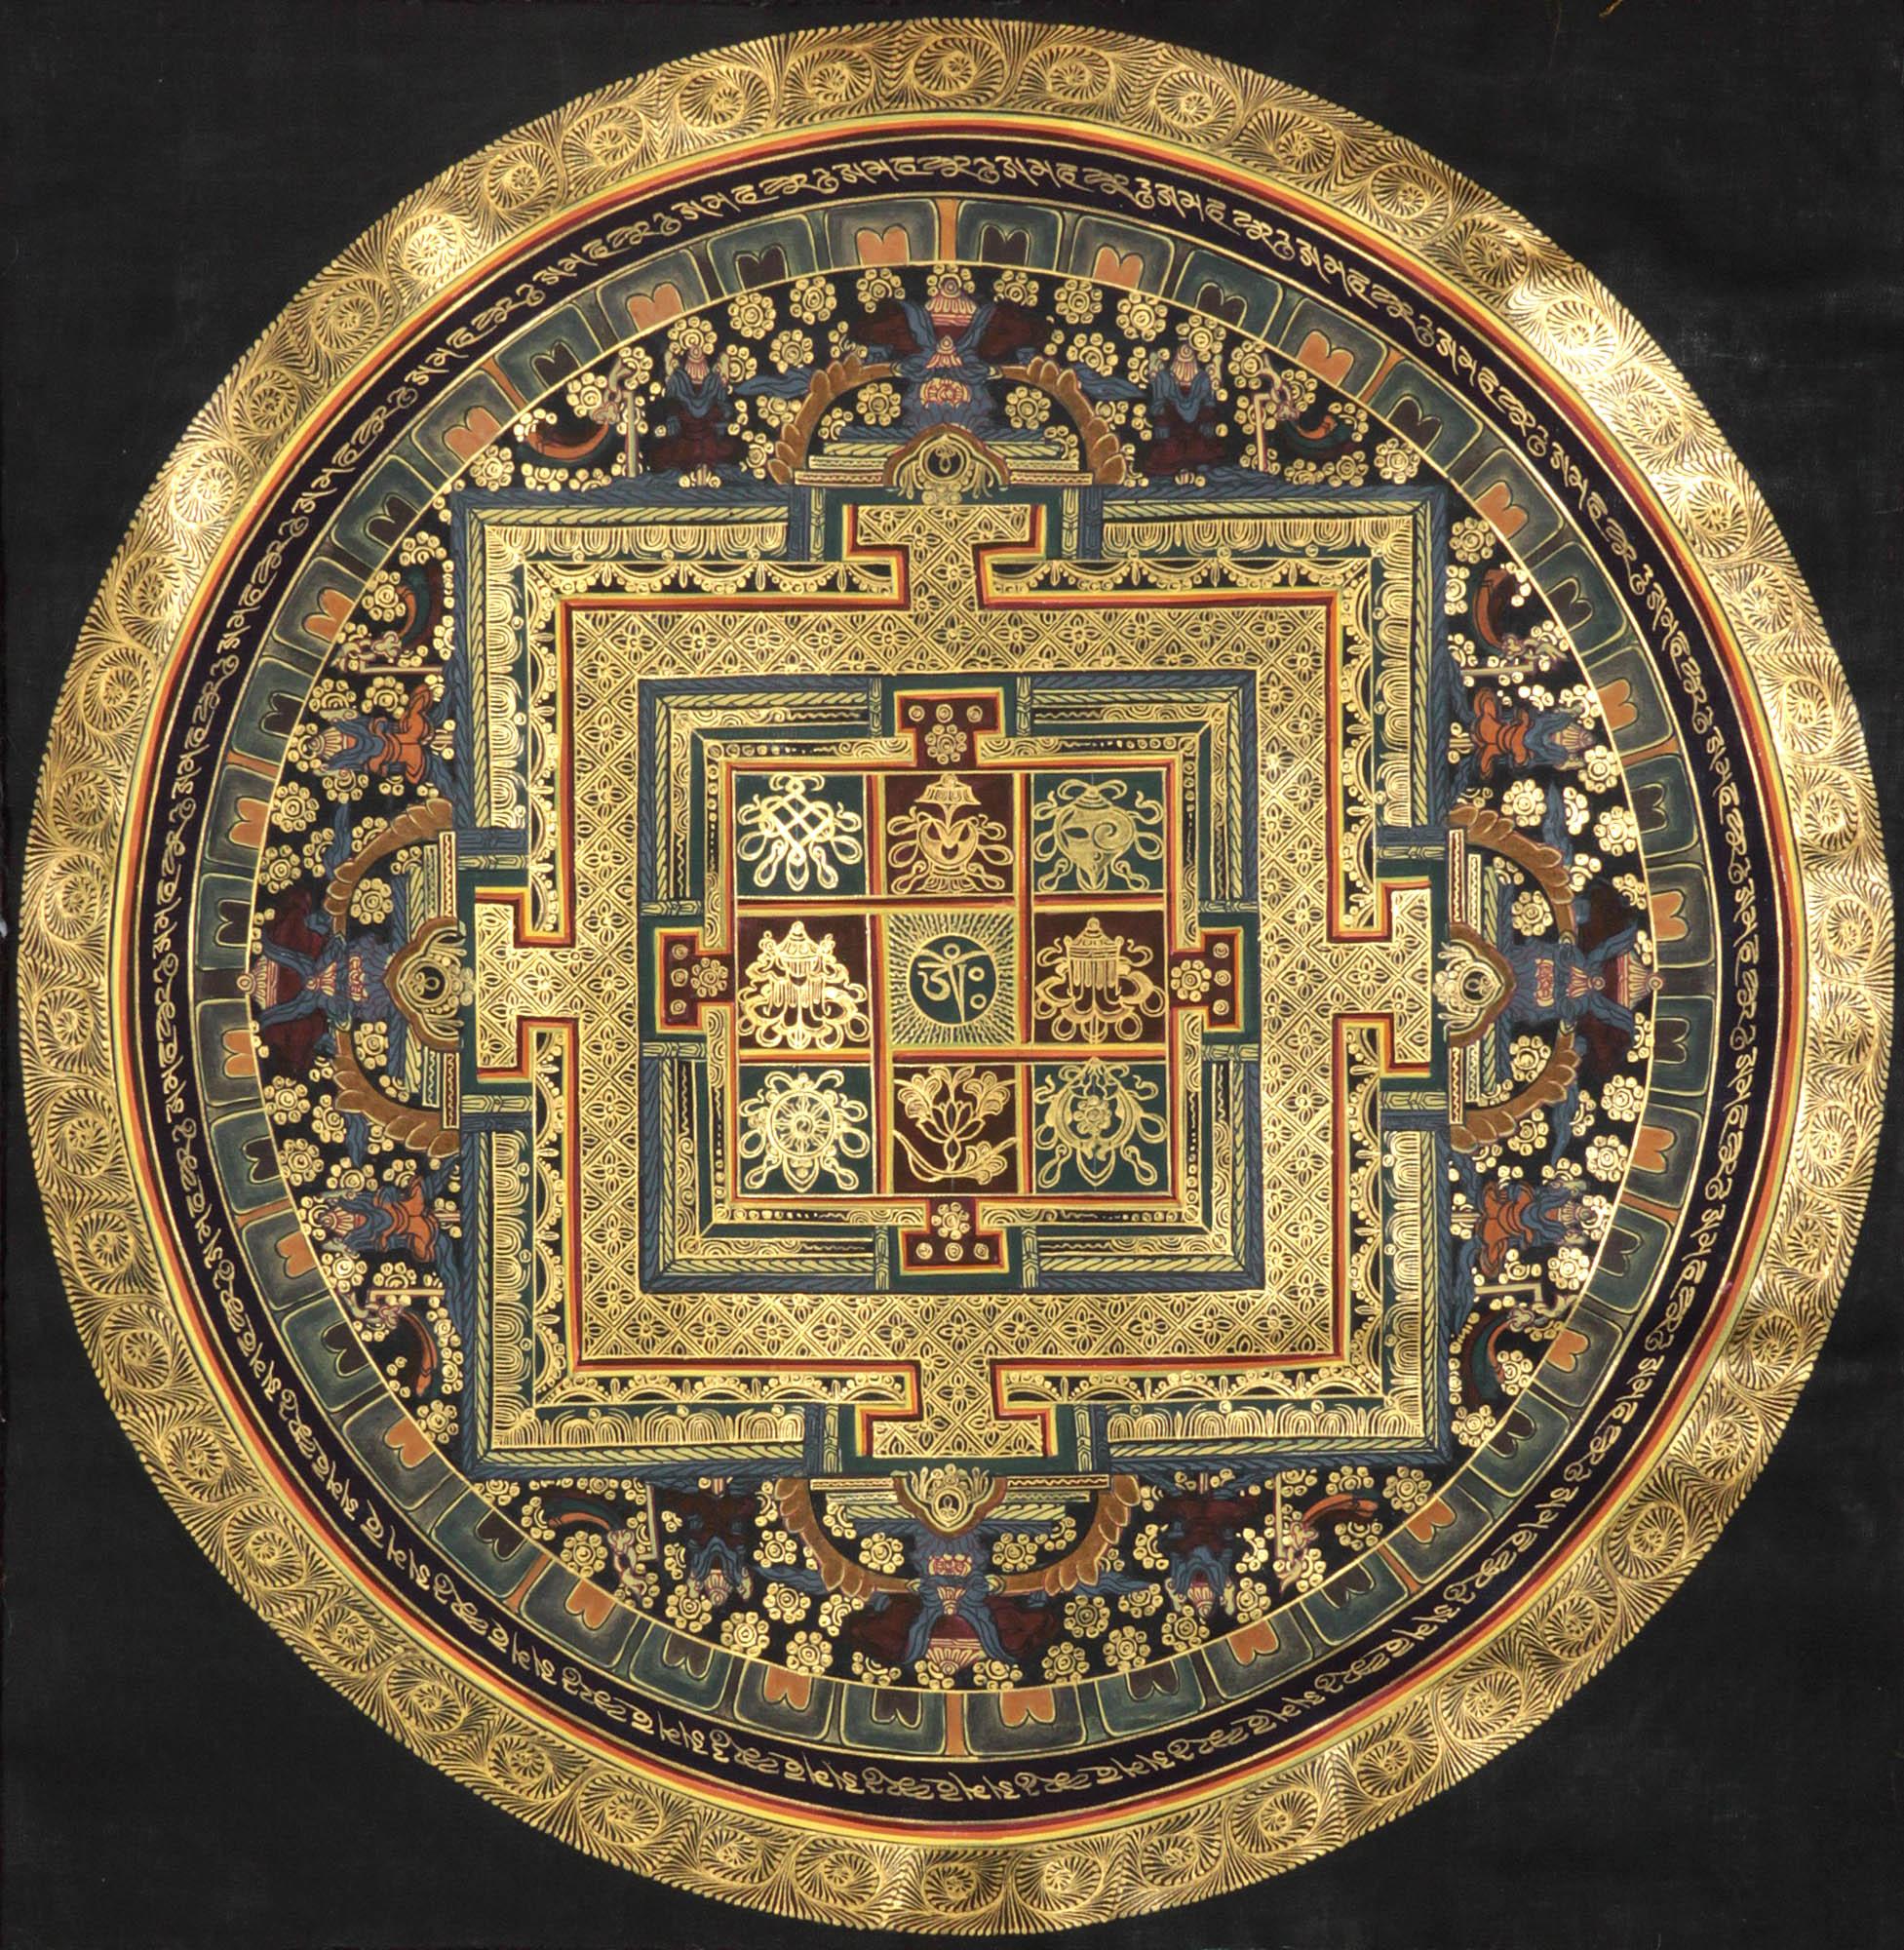 Om (AUM) Mandala With Ashtamangala Symbols